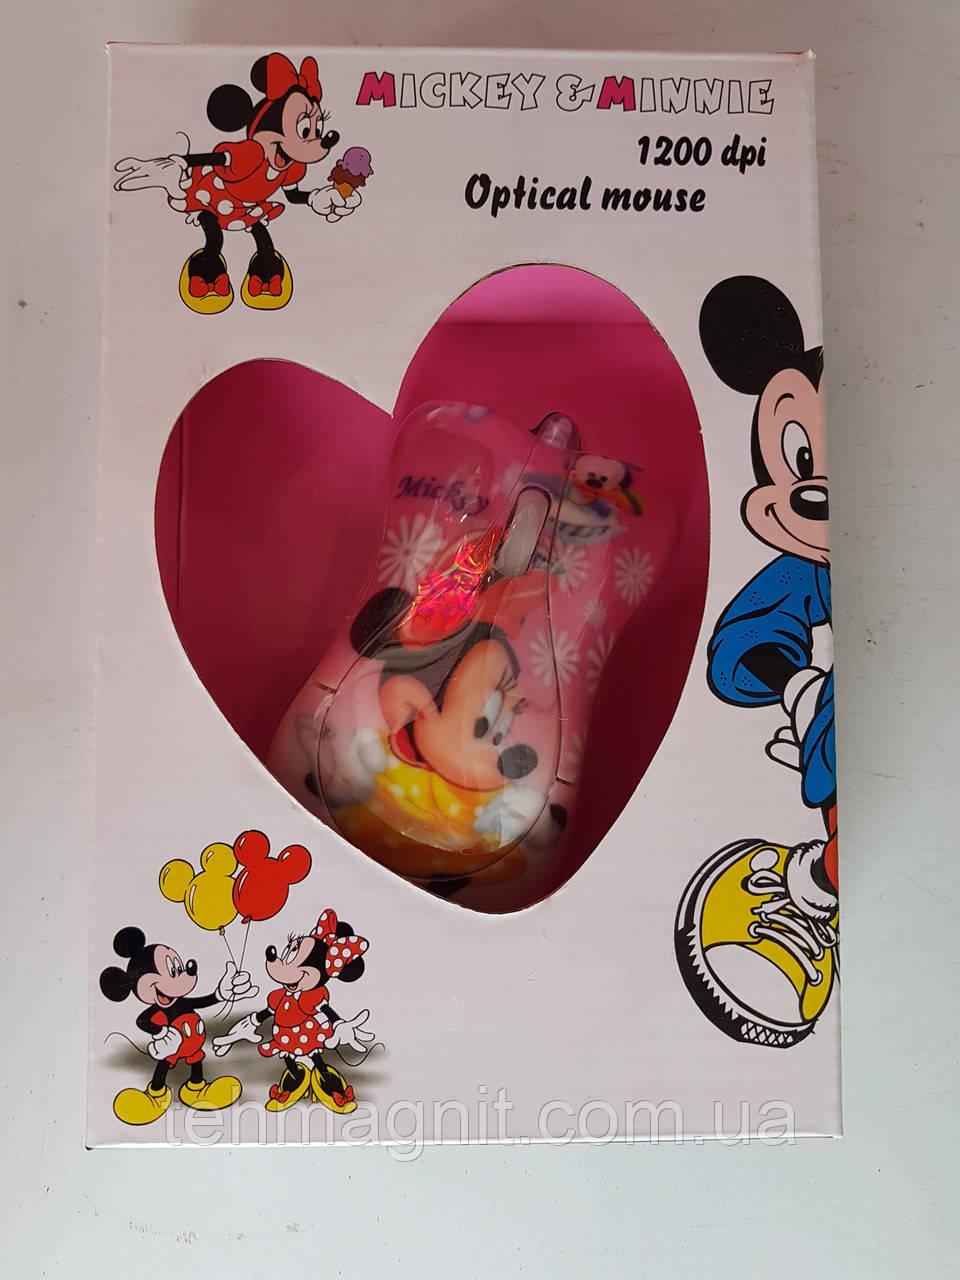 Мышь компьютерная проводная для детей Mickey Mouse купить в Украине для компьютера, ноутбука, PC